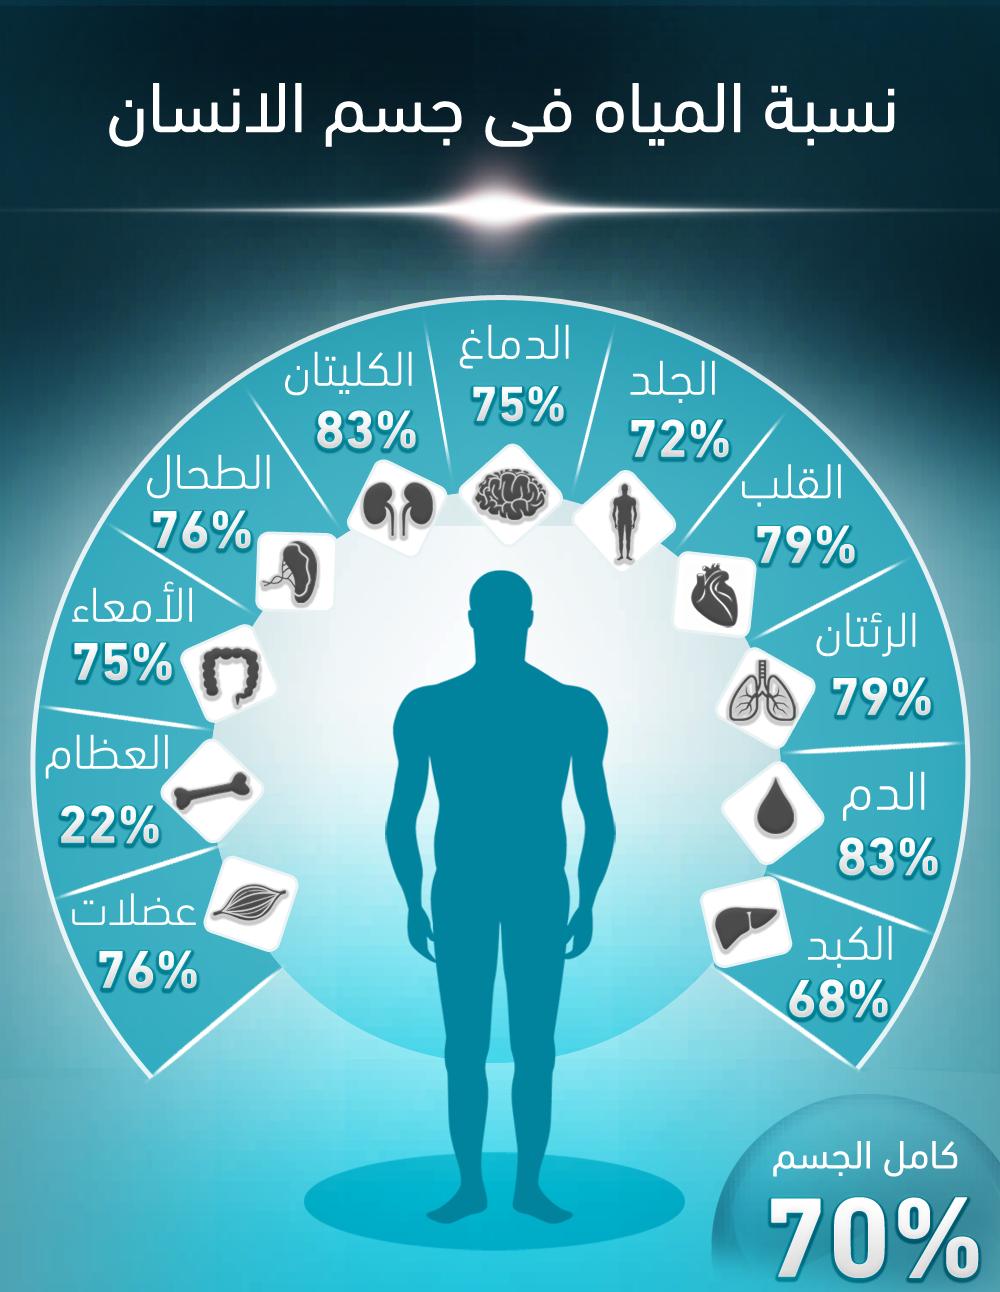 الإنسان هو سيد المخلوقات ما حافظ على نسبة الماء بين دم و عظم Spring Wallpaper Pie Chart Life Quotes